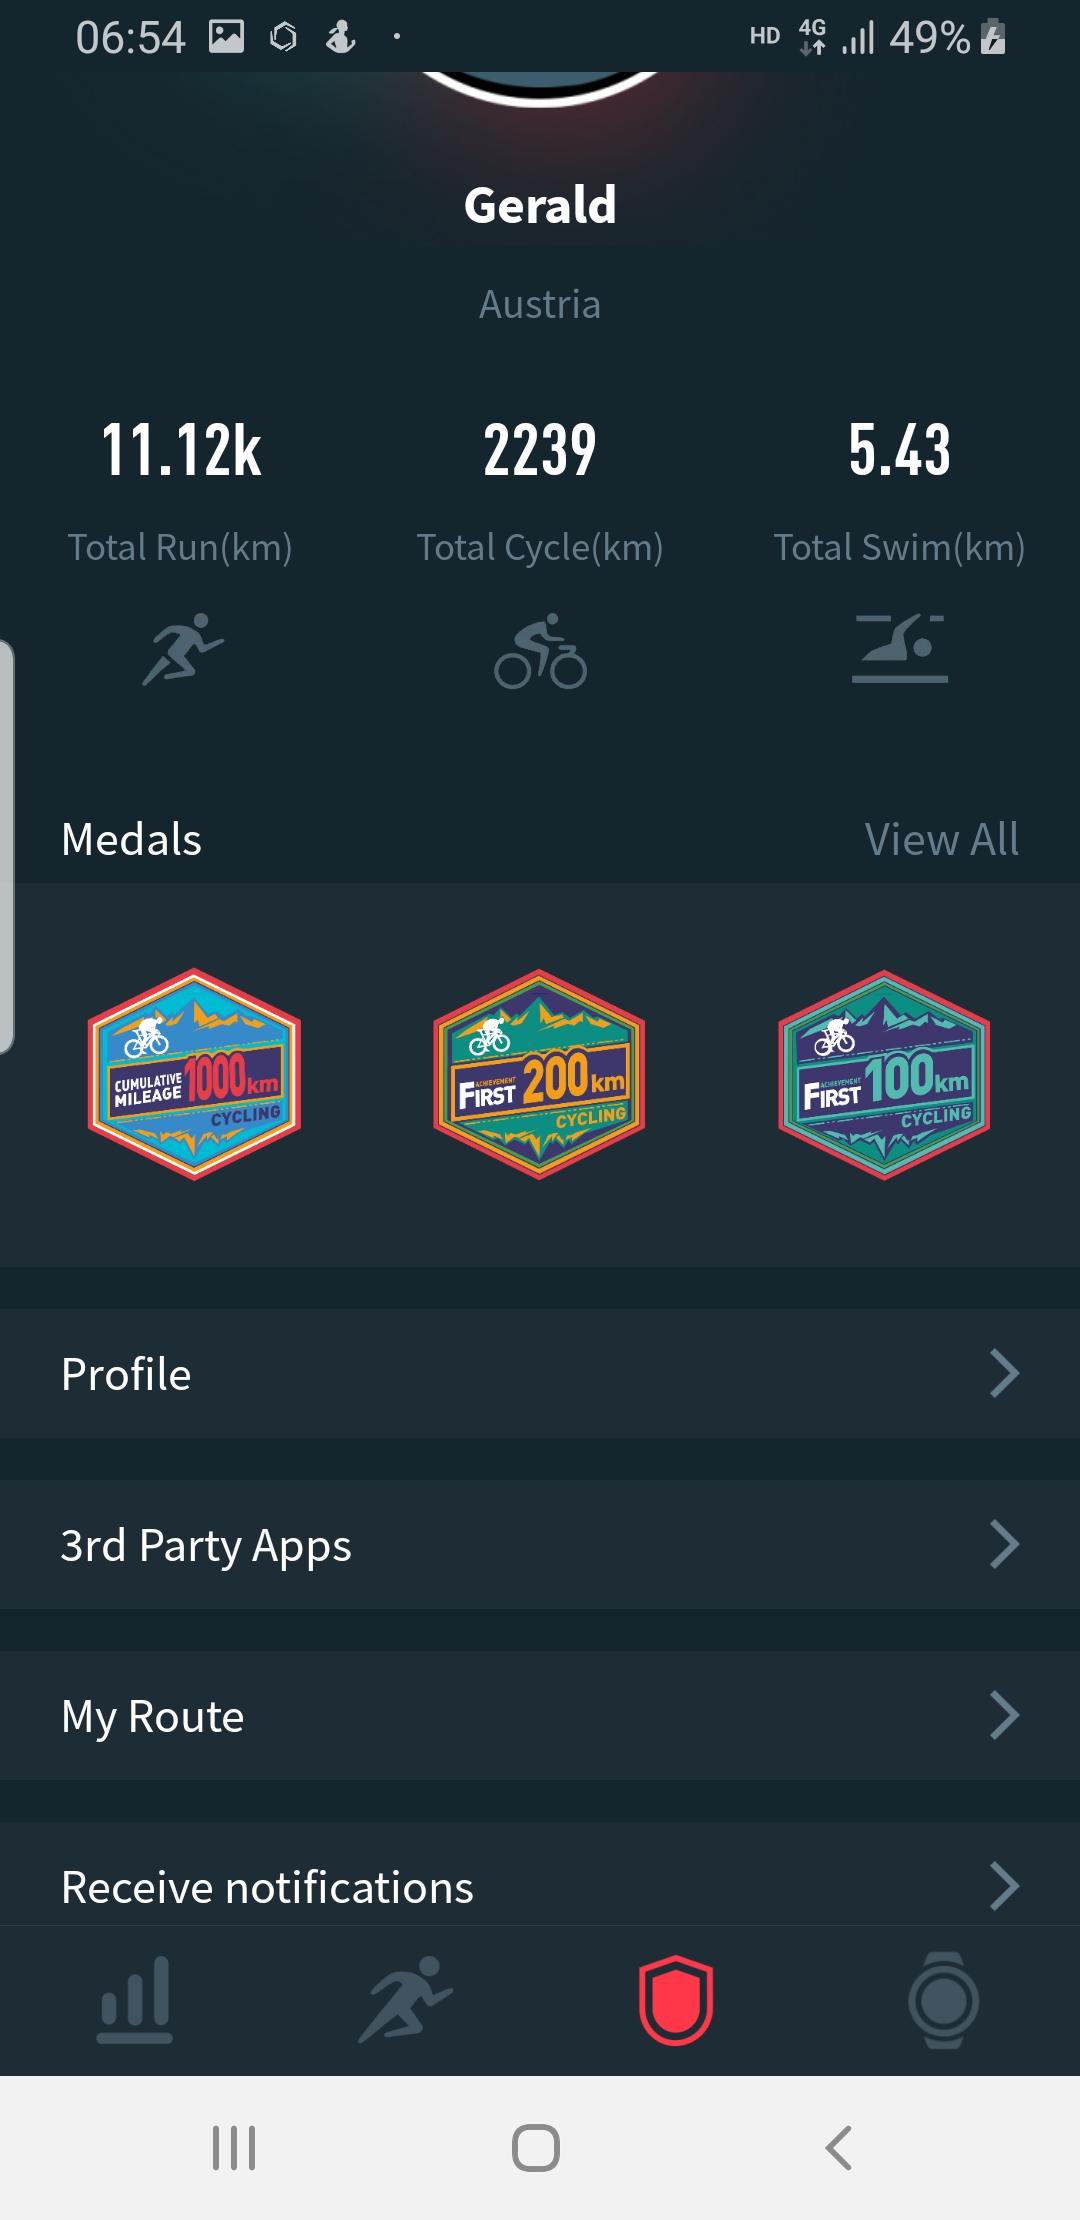 Coros App: Profile page